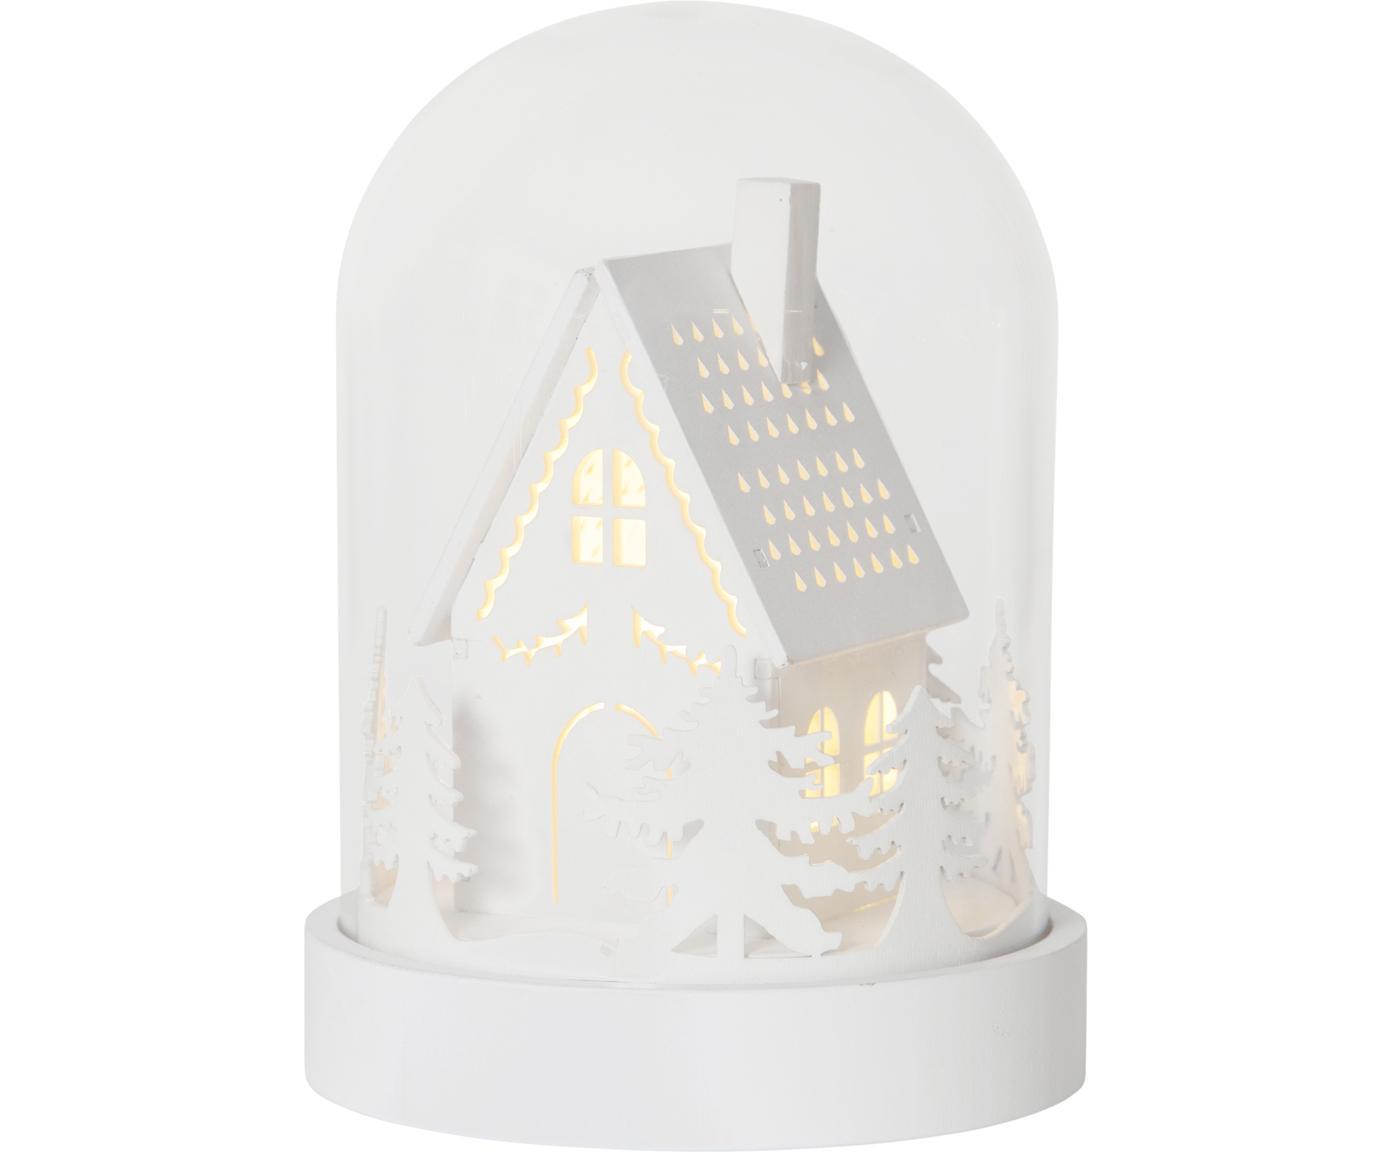 Lampa dekoracyjna Led zasilana na baterie House, Płyta pilśniowa średniej gęstości (MDF), tworzywo sztuczne, szkło, Biały, transparentny, Ø 13 x W 18 cm